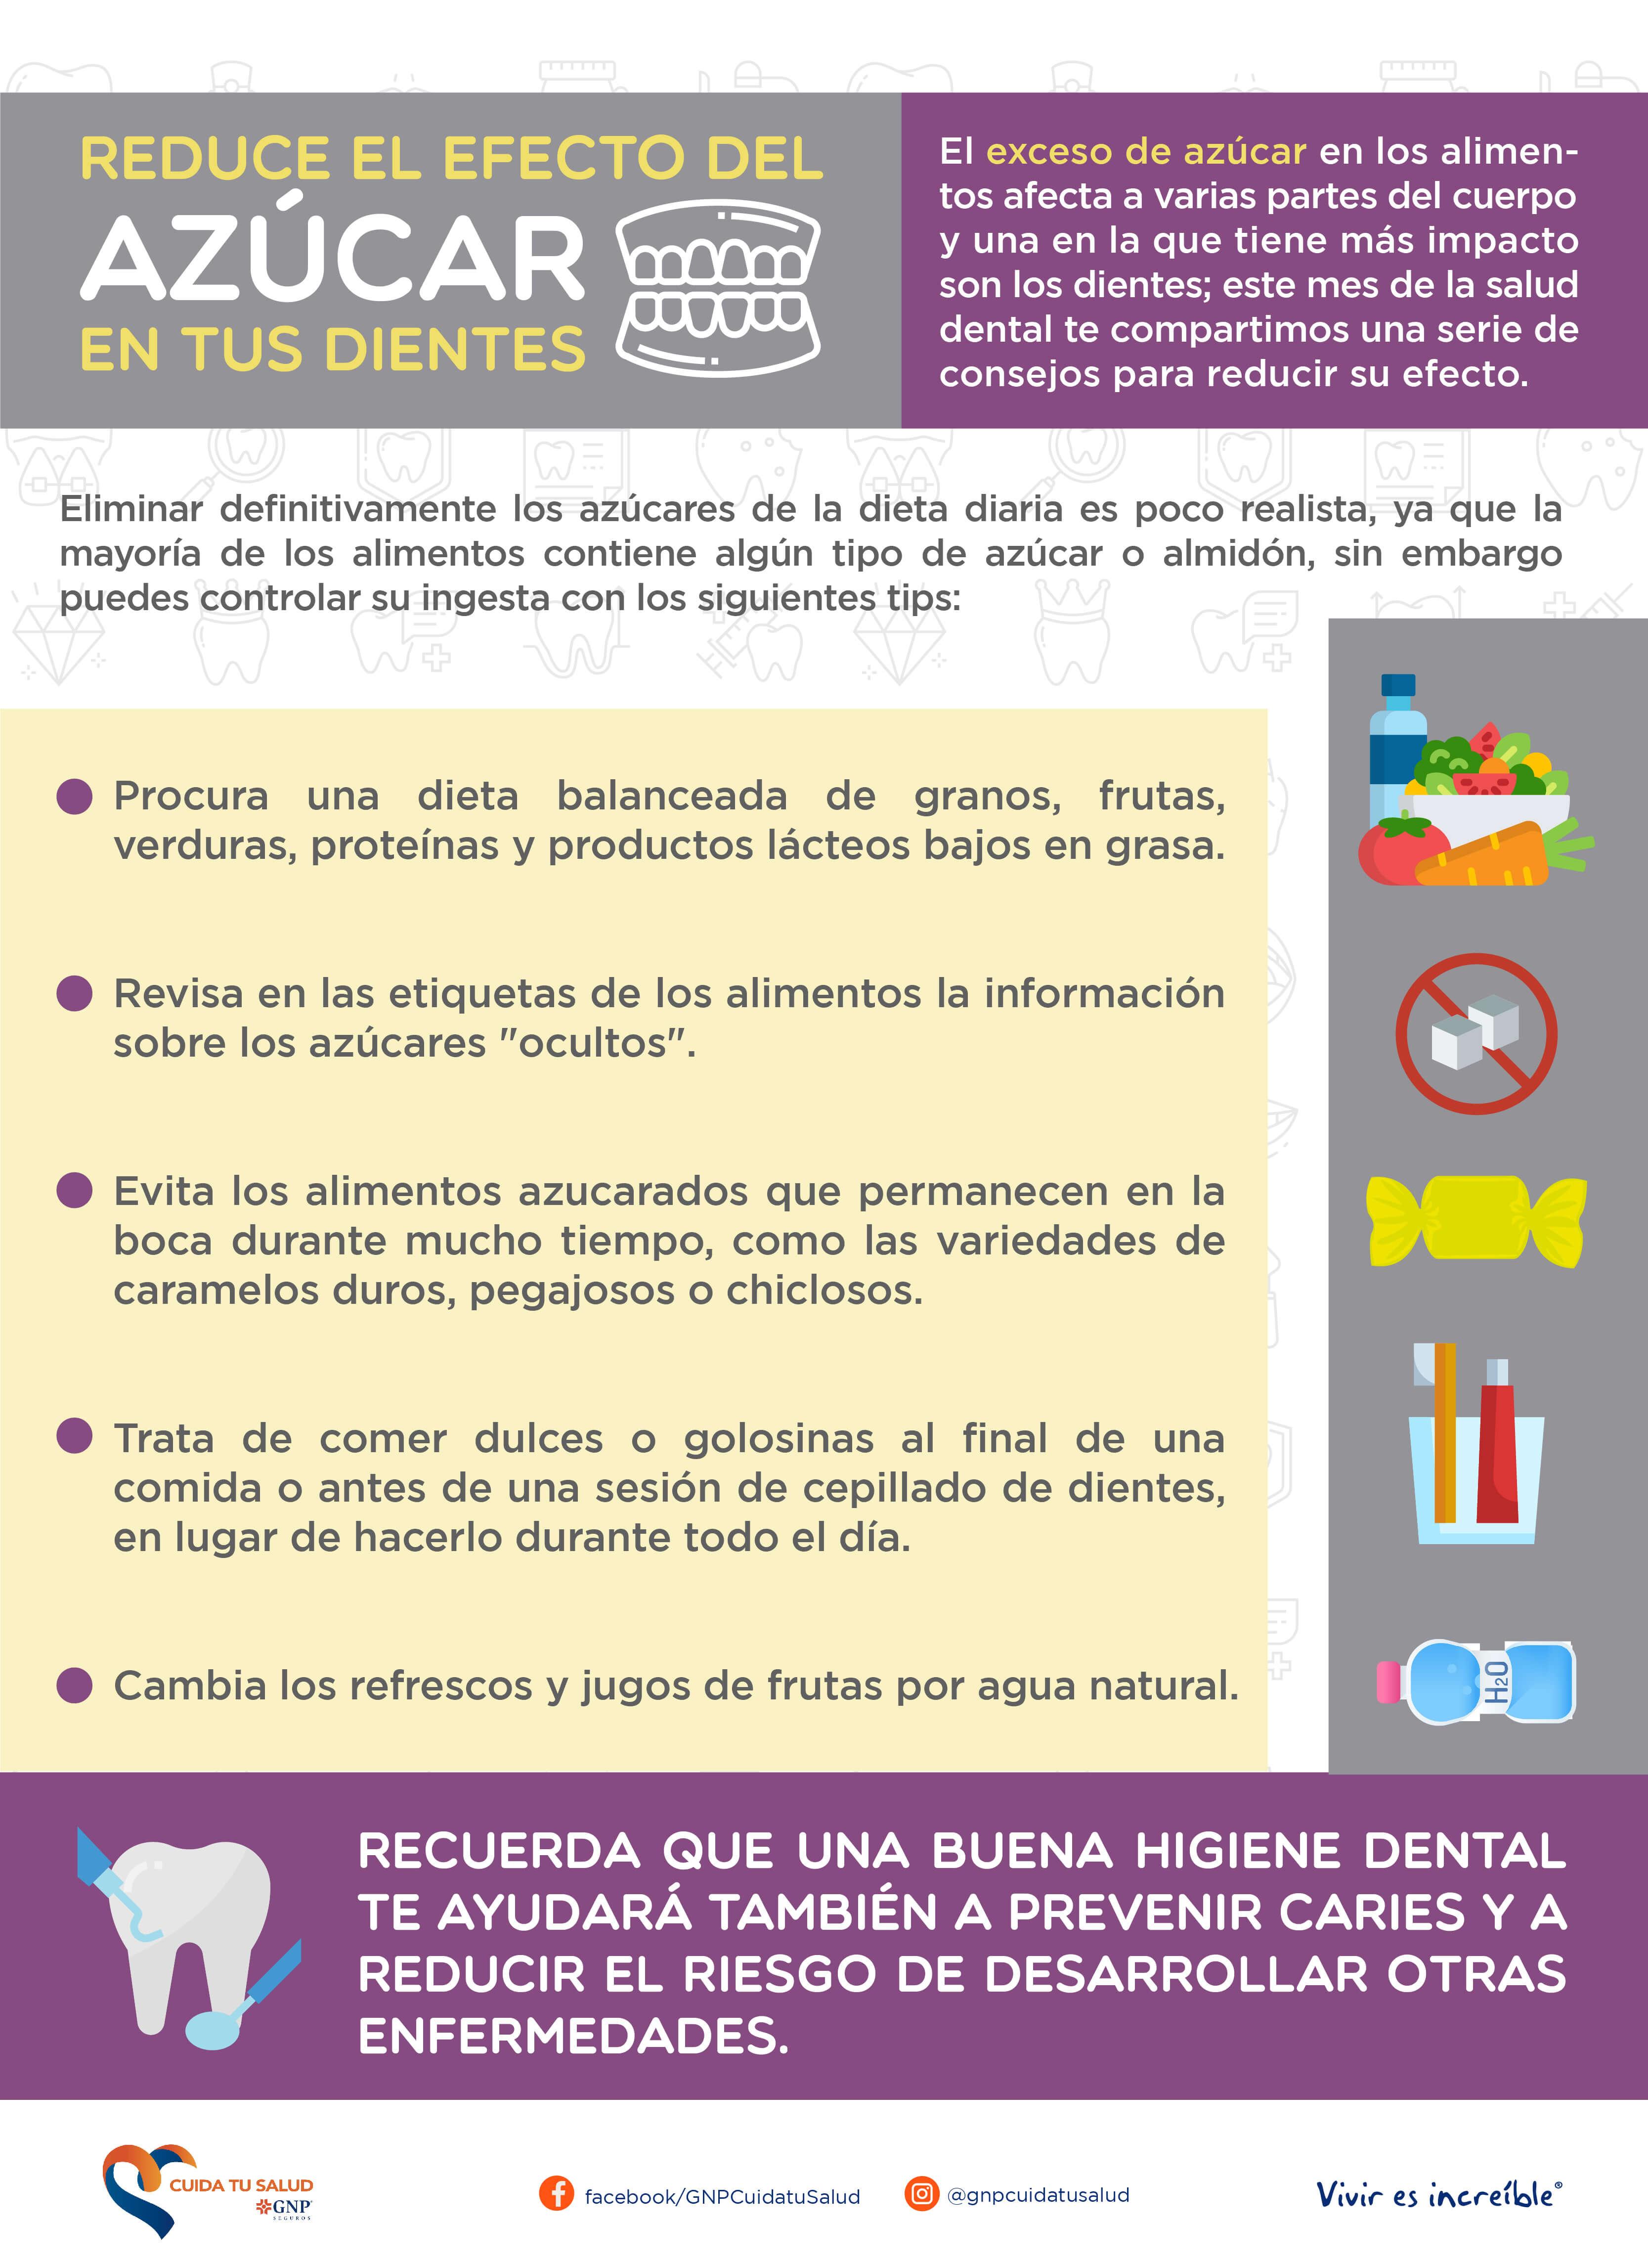 Reduce el efecto del azúcar en tus dientes